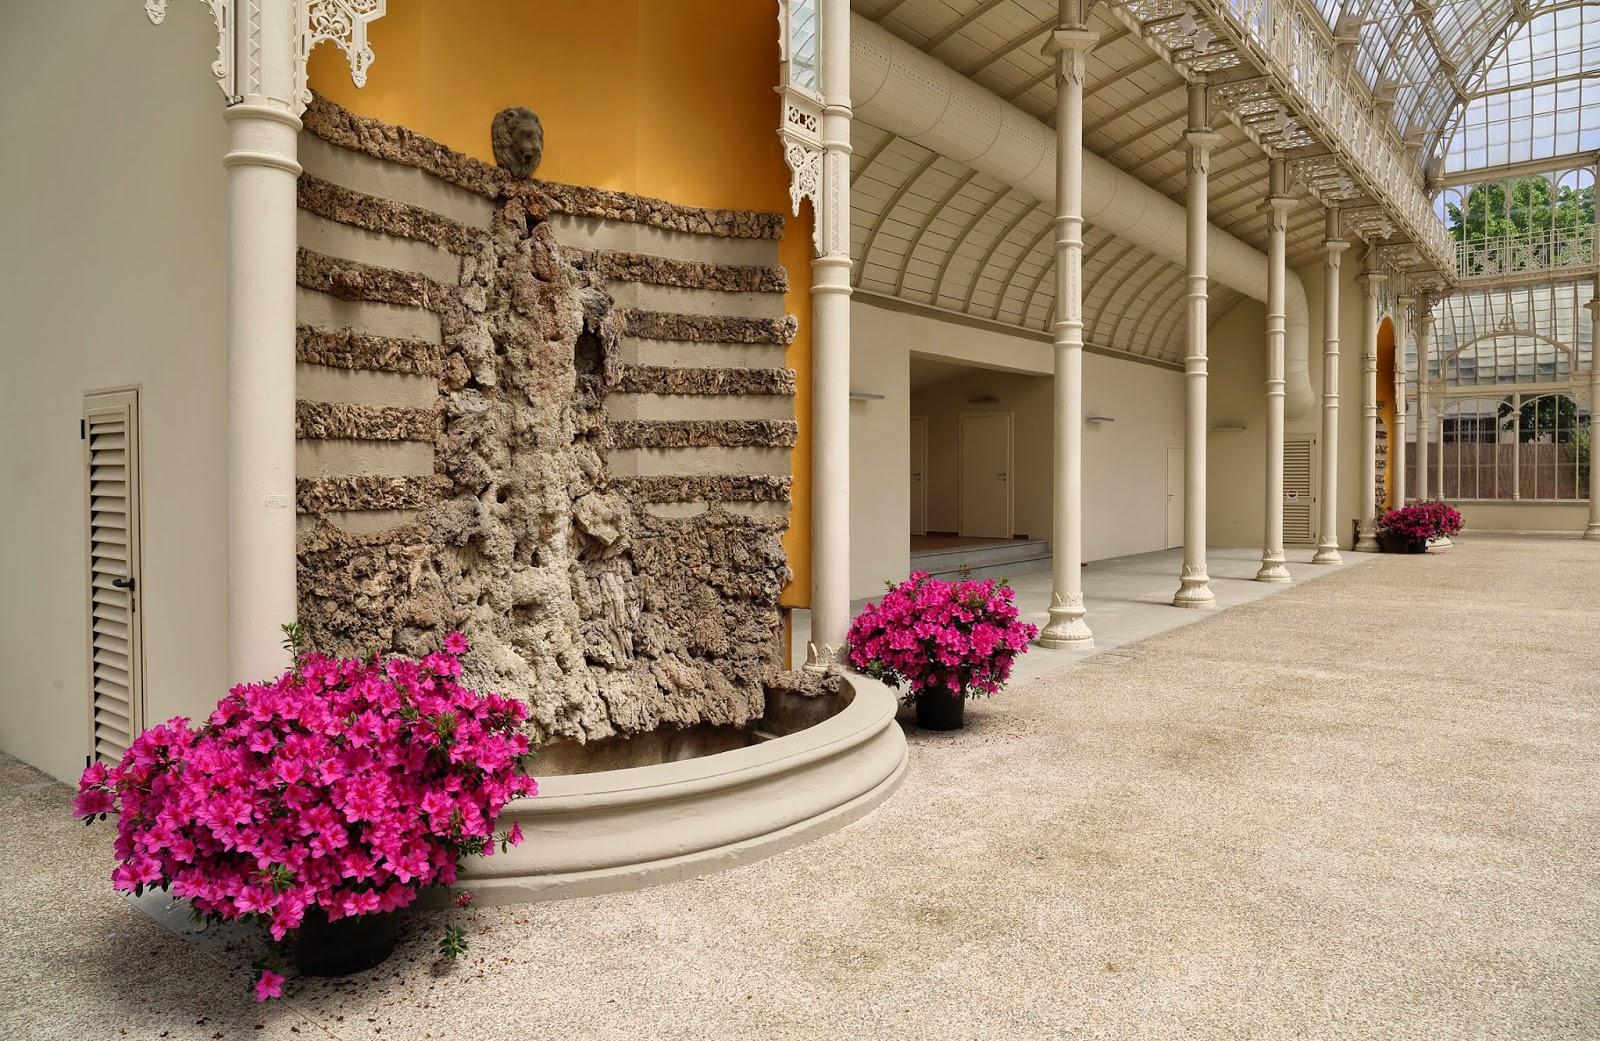 Terre incognite il tepidario del giardino dell for Giardino orticoltura firenze aperitivo